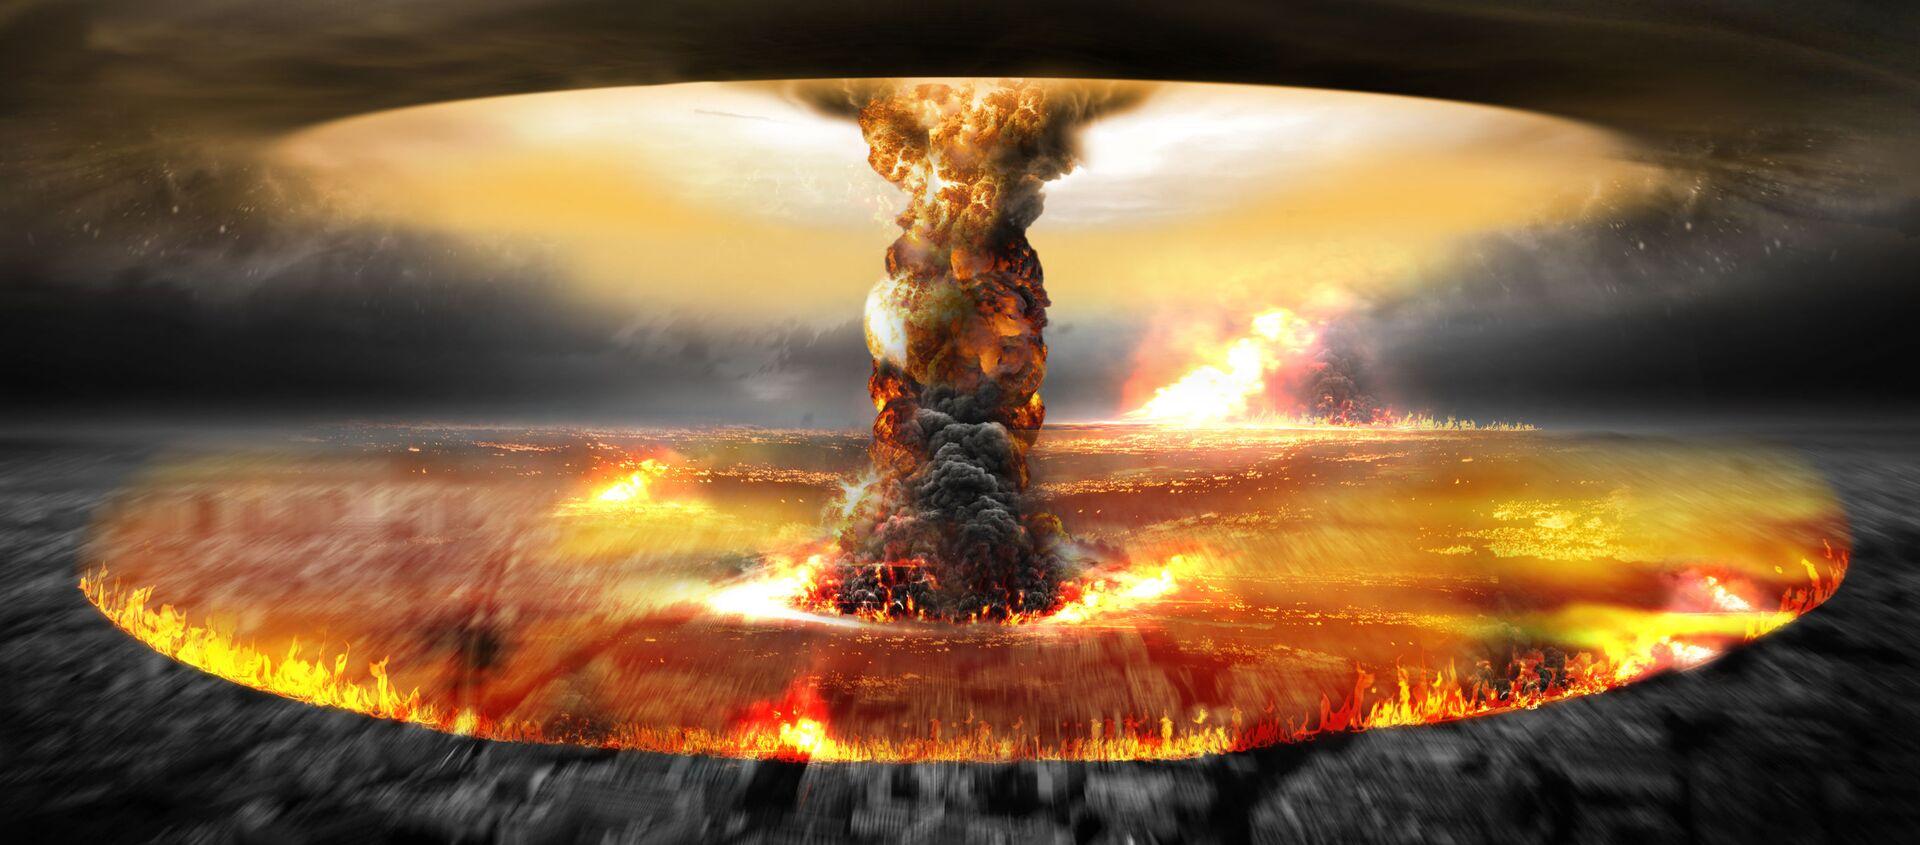 Ядерный взрыв - Sputnik Узбекистан, 1920, 03.02.2021